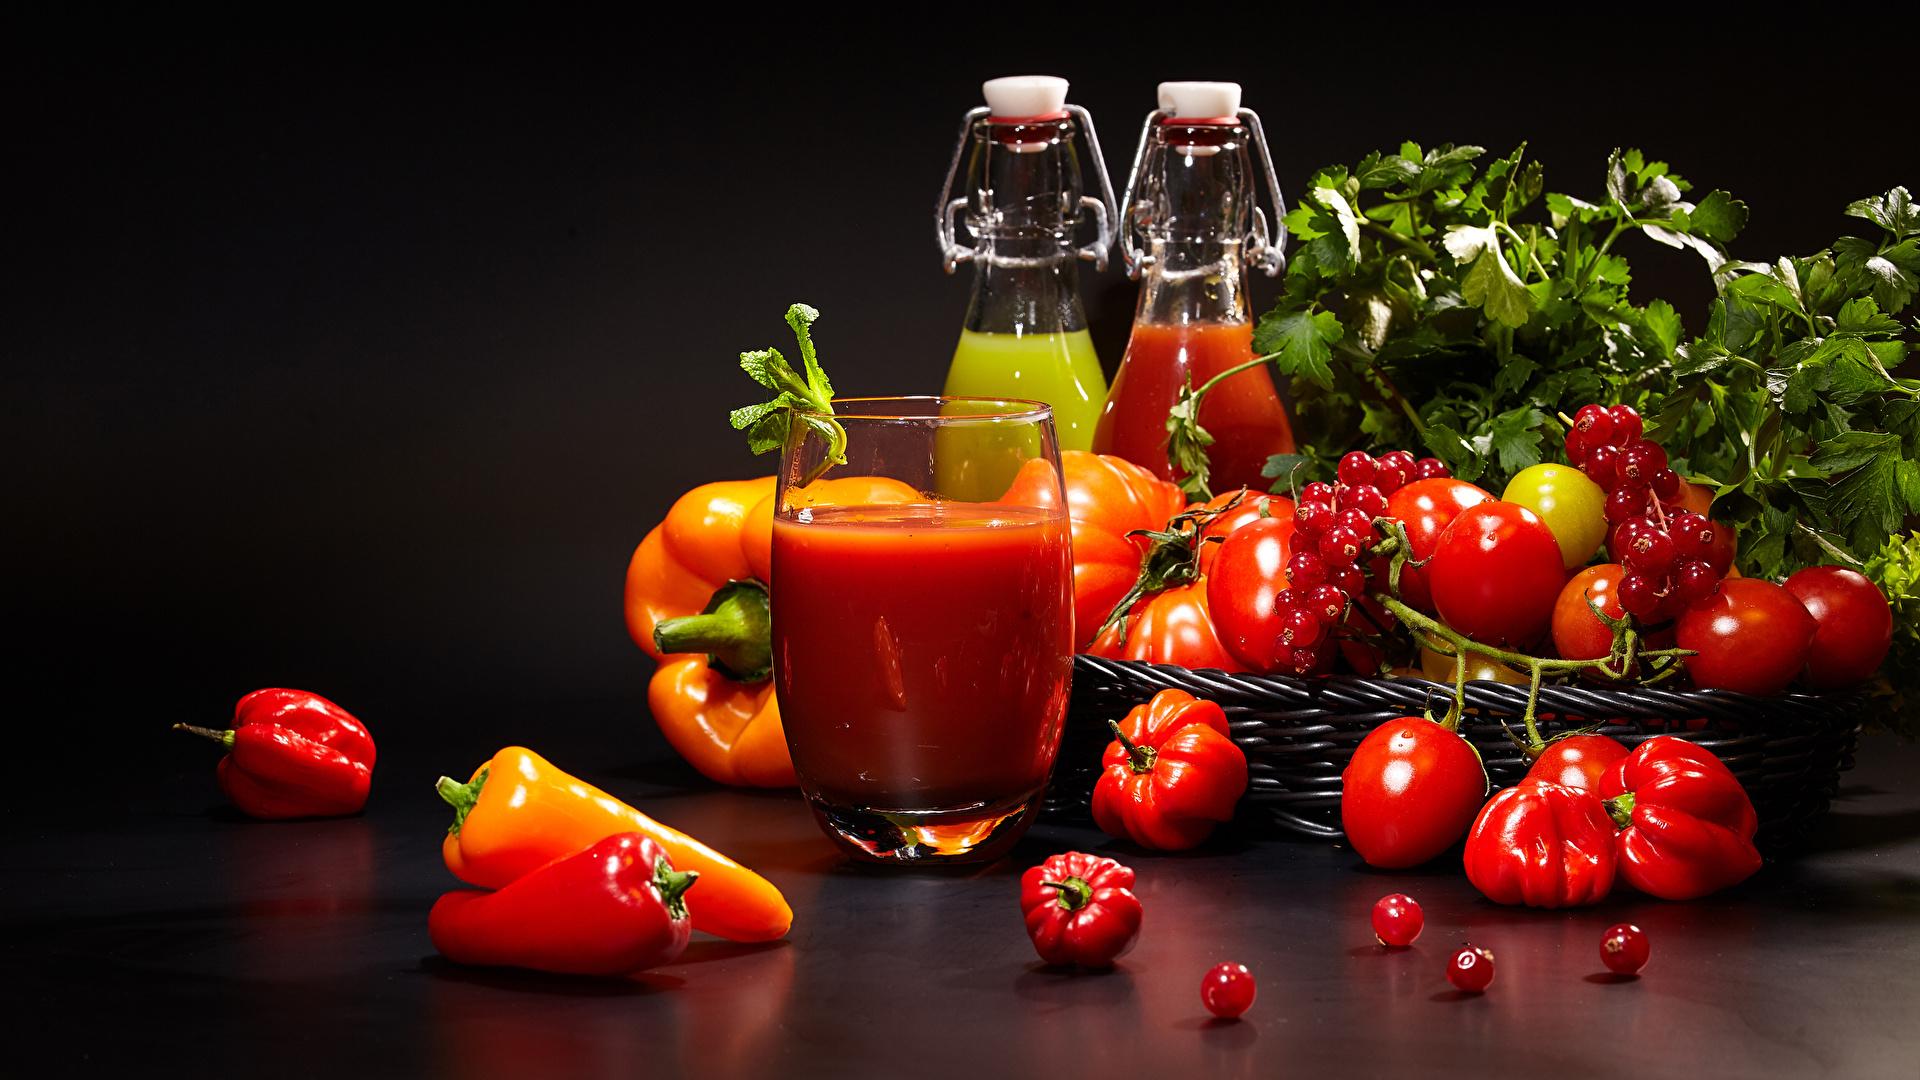 Фото Сок Помидоры стакане Смородина Пища Овощи перец овощной 1920x1080 Томаты Стакан стакана Еда Перец Продукты питания